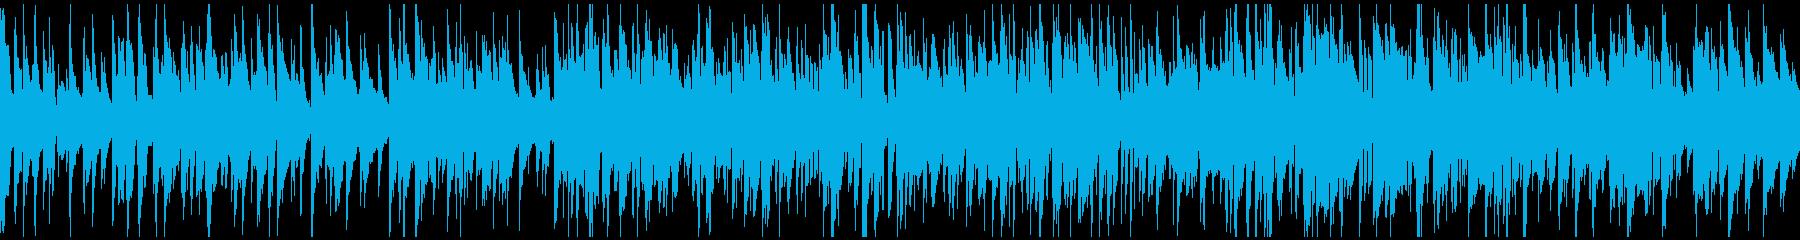 軽やかで明るいライトジャズ ※ループ版の再生済みの波形